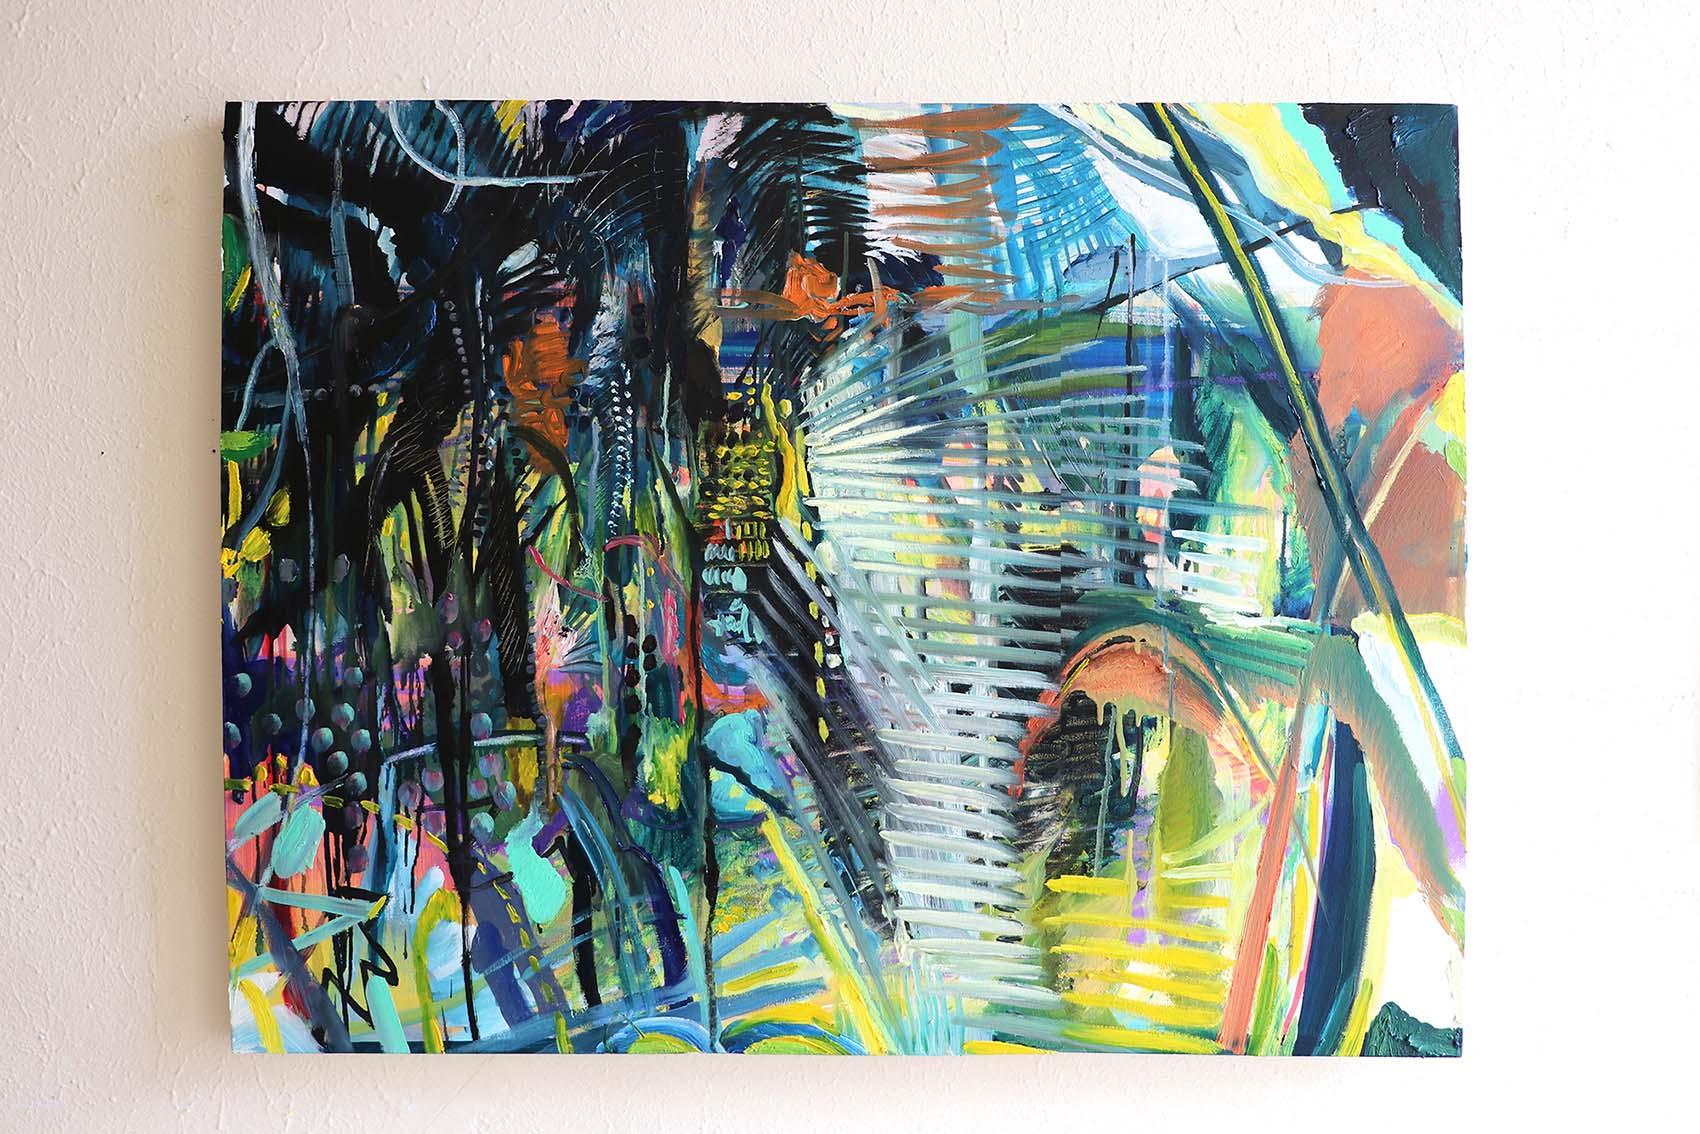 Sin Park, Blinds, 75.5x 101.2cm, acrylic and oil on canvas, 2019